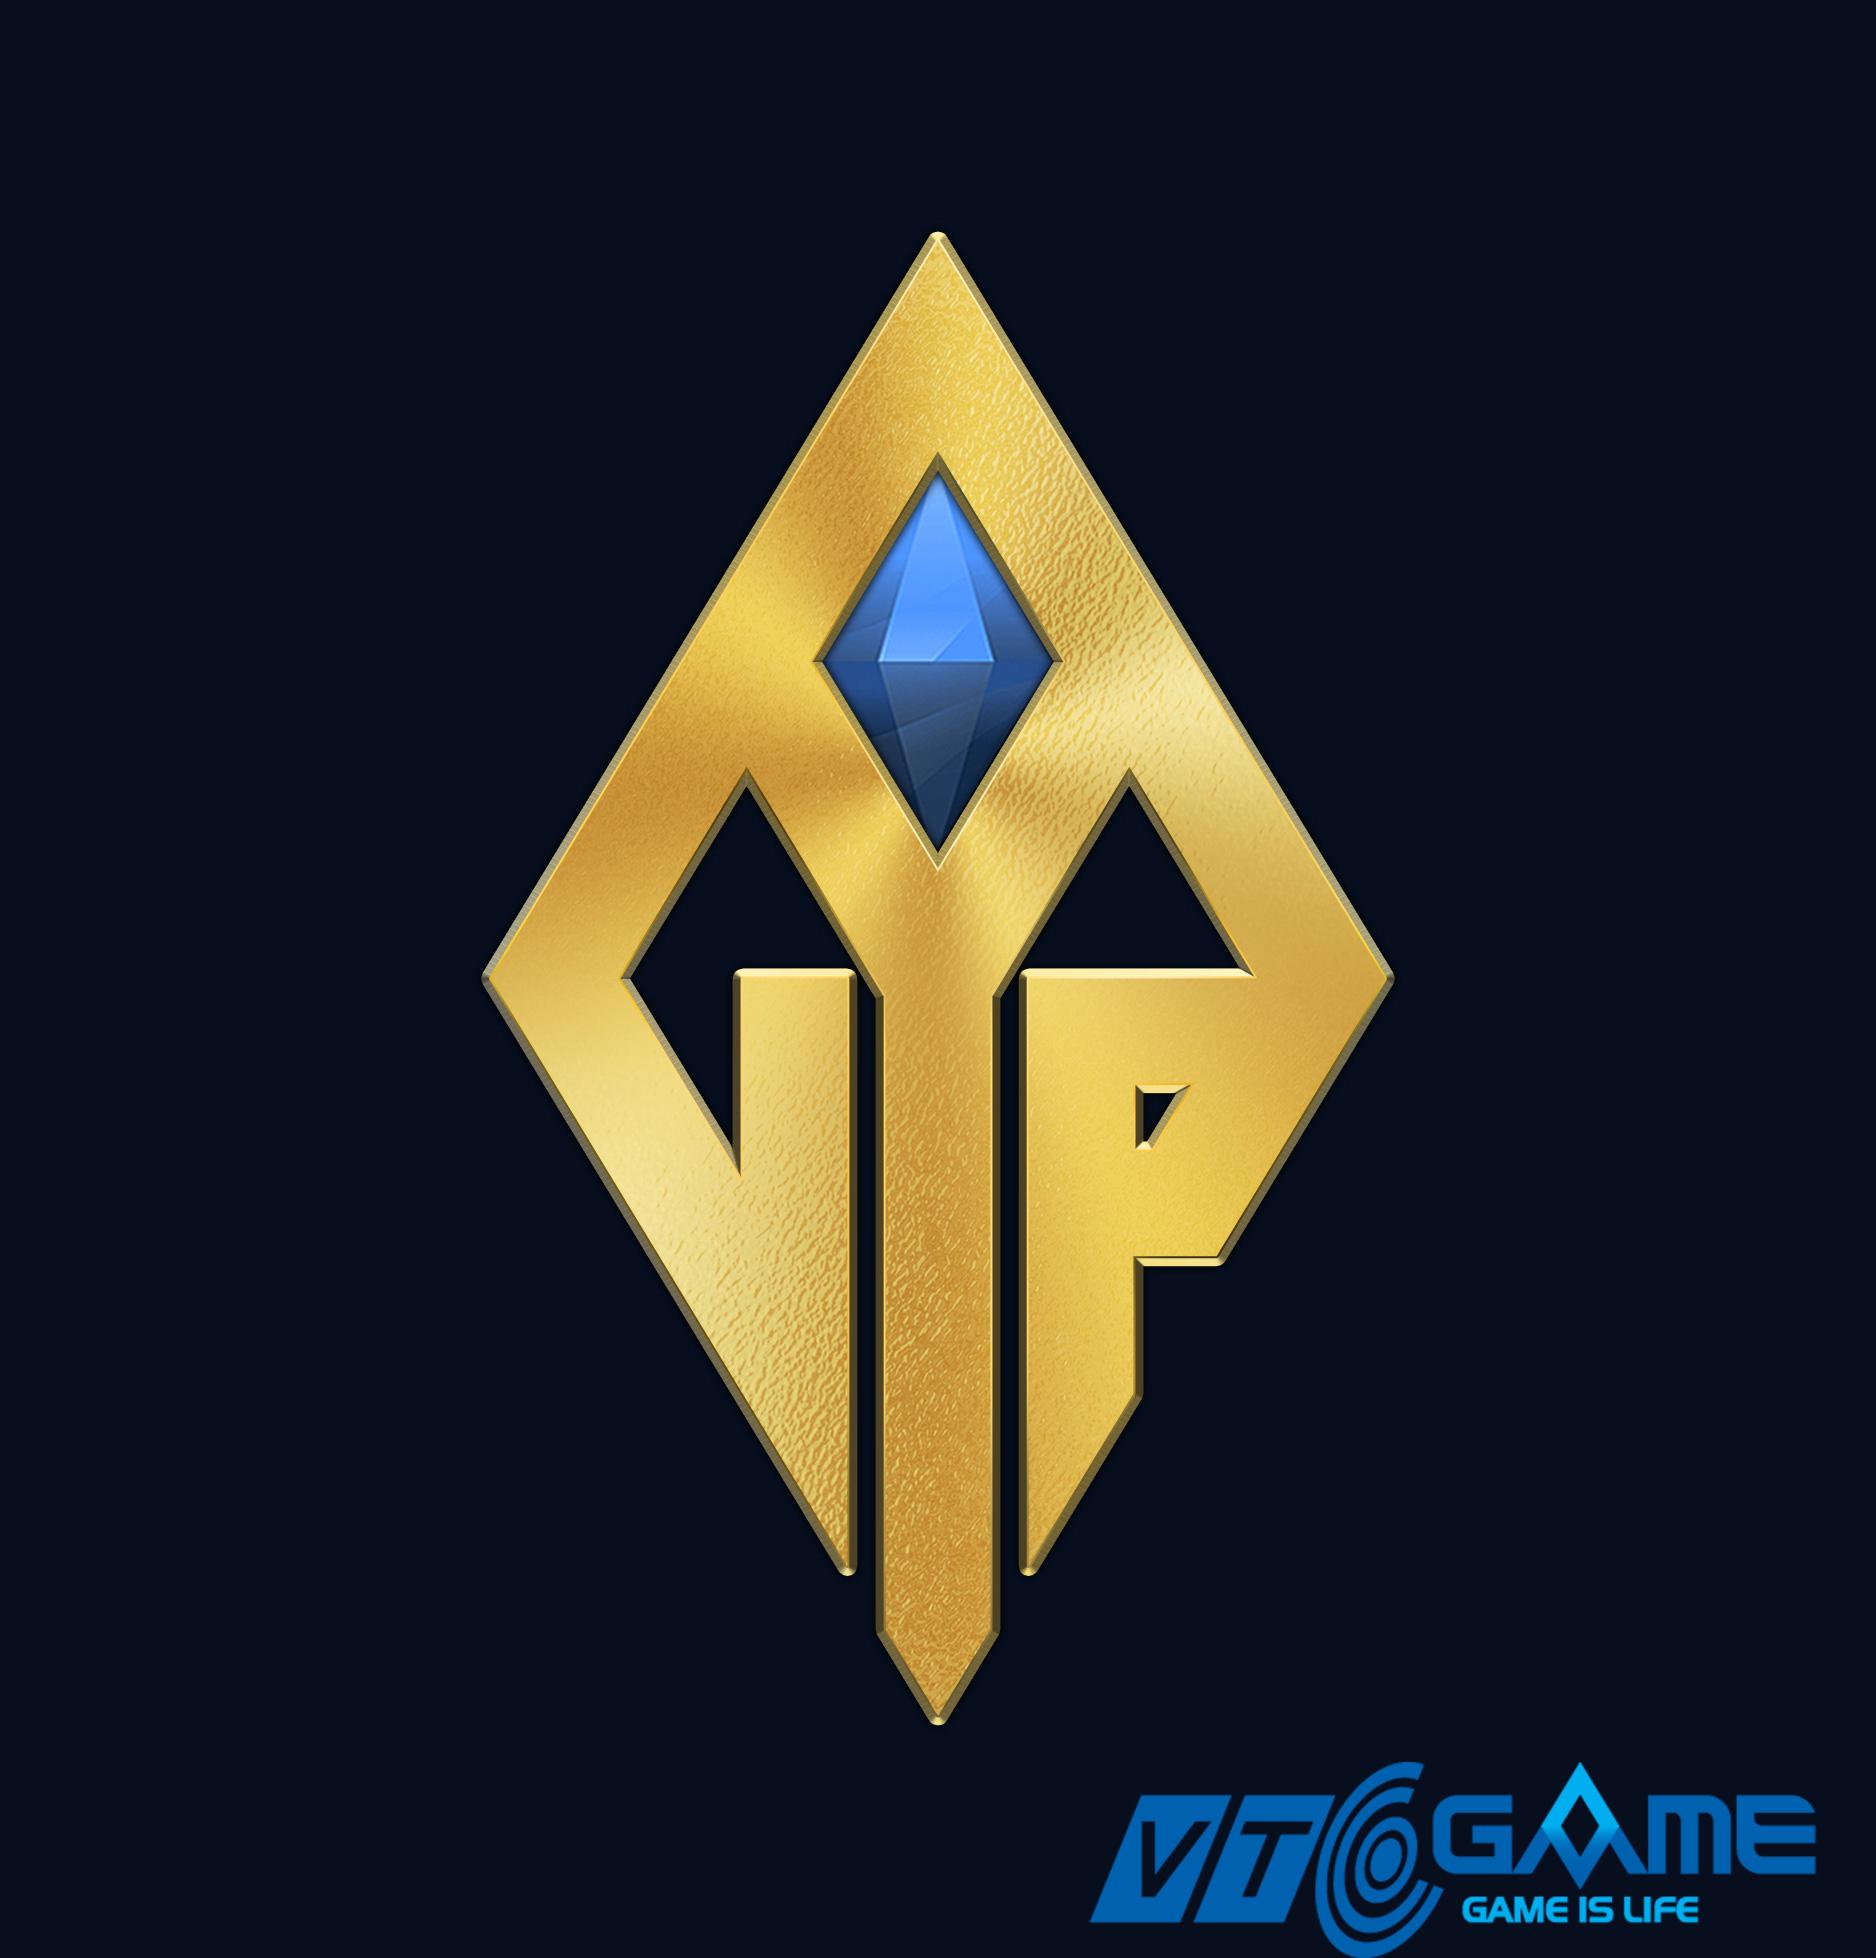 VTC Game: Hé lộ hệ thống chăm sóc khách hàng VIP cực đỉnh sẽ được ra mắt vào năm 2017